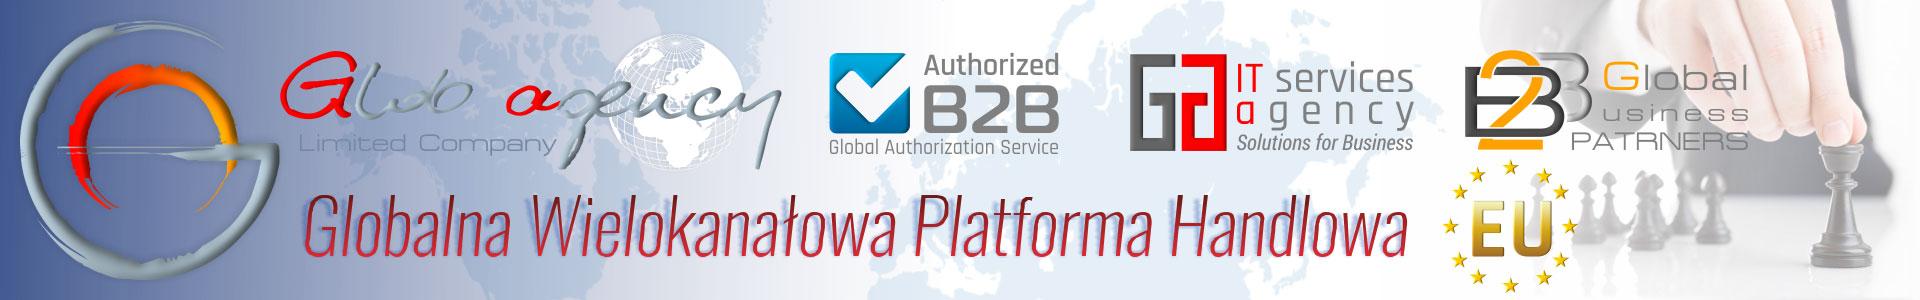 Globalna Wielokanałowa Platforma Handlowa